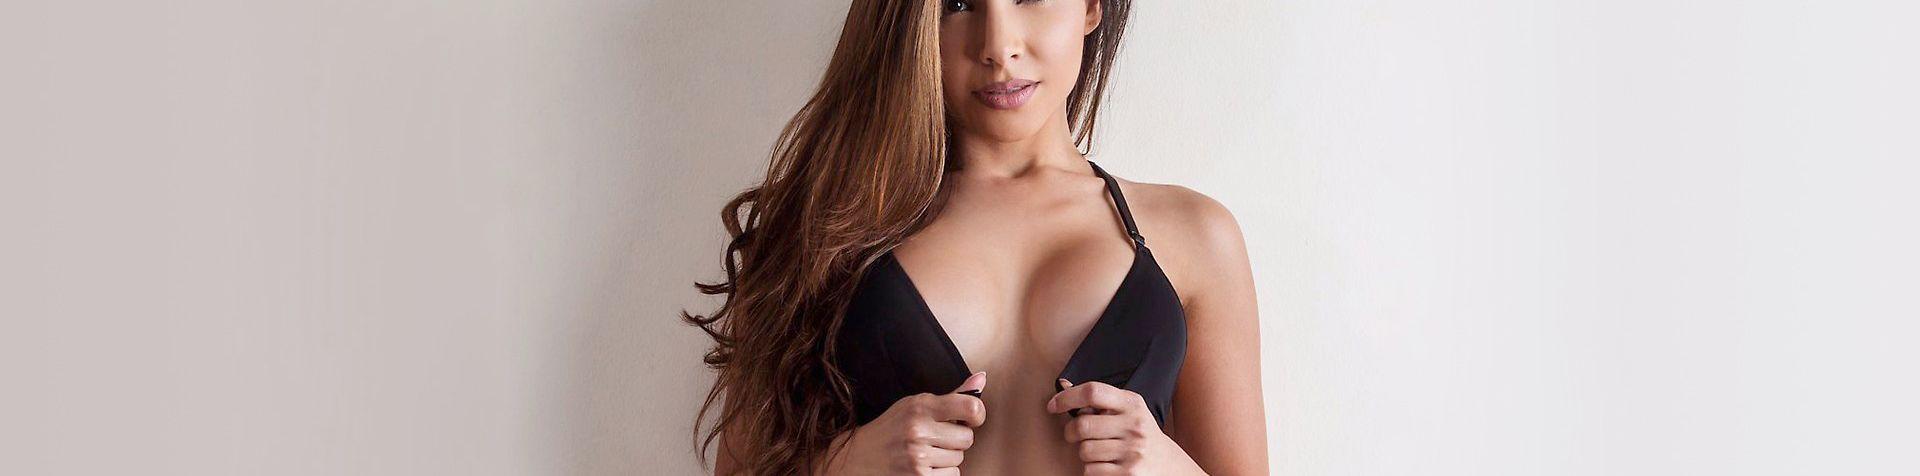 beautiful-latin-girl